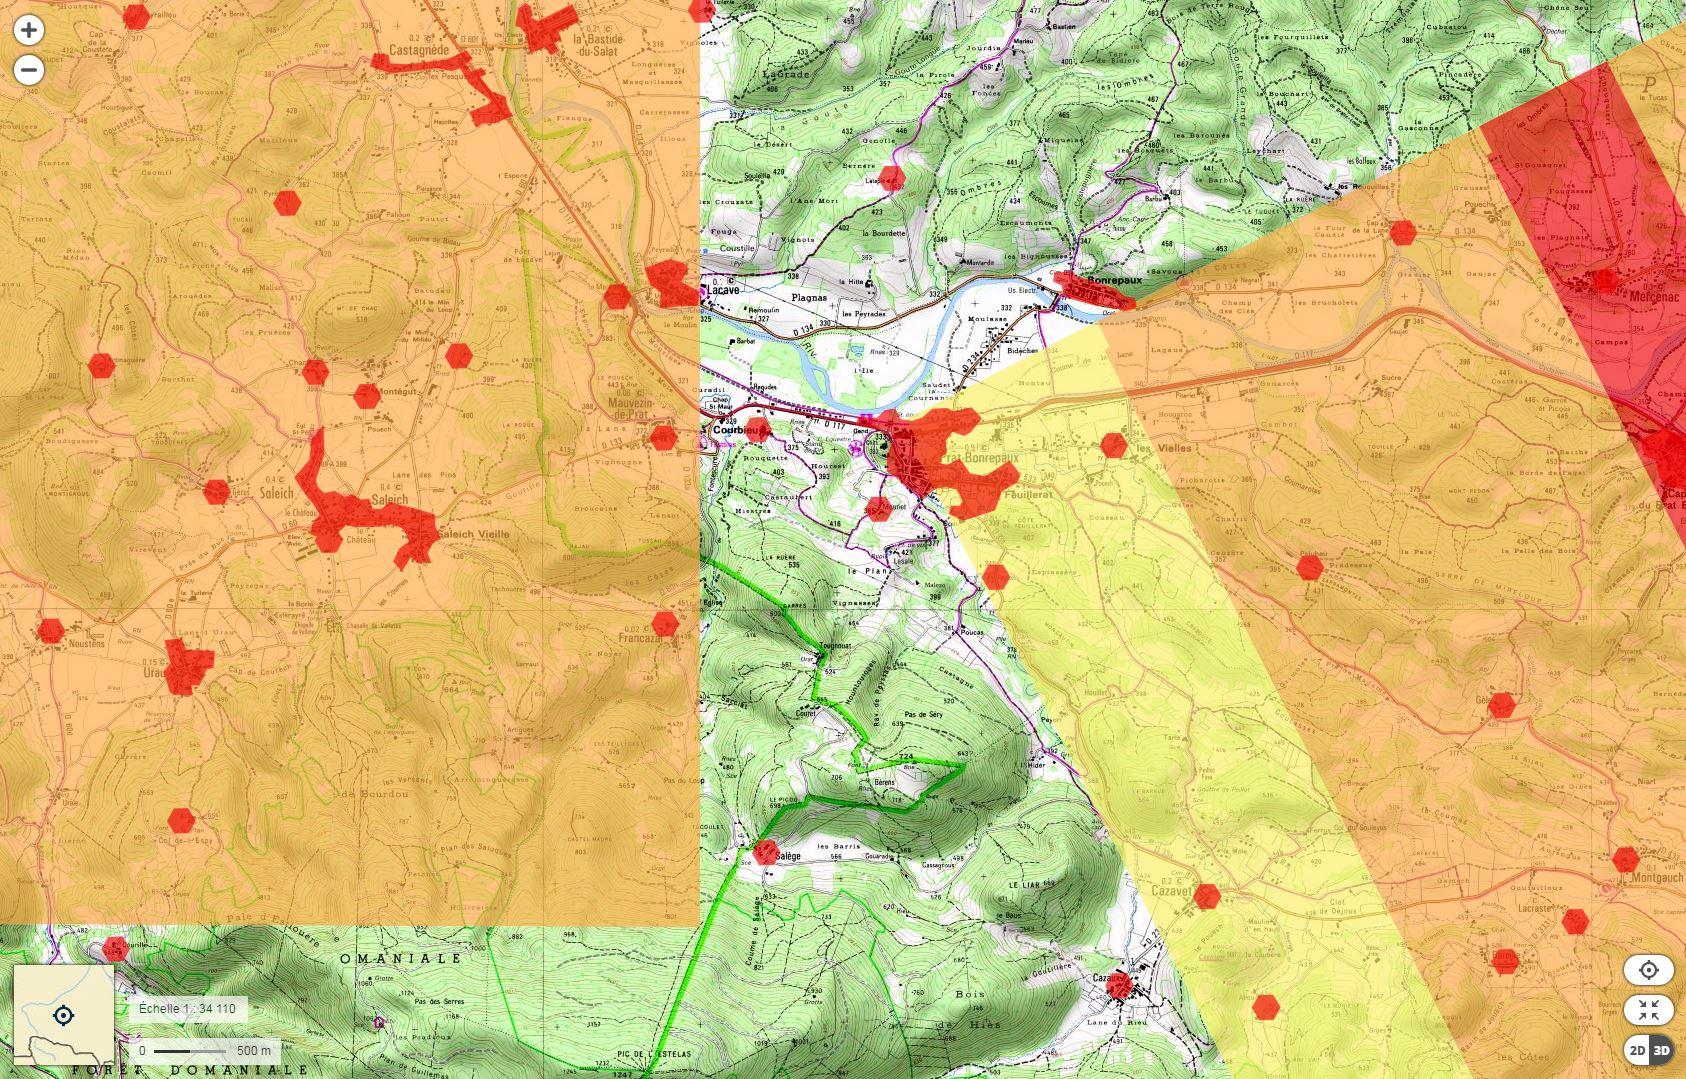 geoportaille-ign-drone-home L'Etat vient de mettre en ligne une carte interactive des zones interdites aux drones de loisir